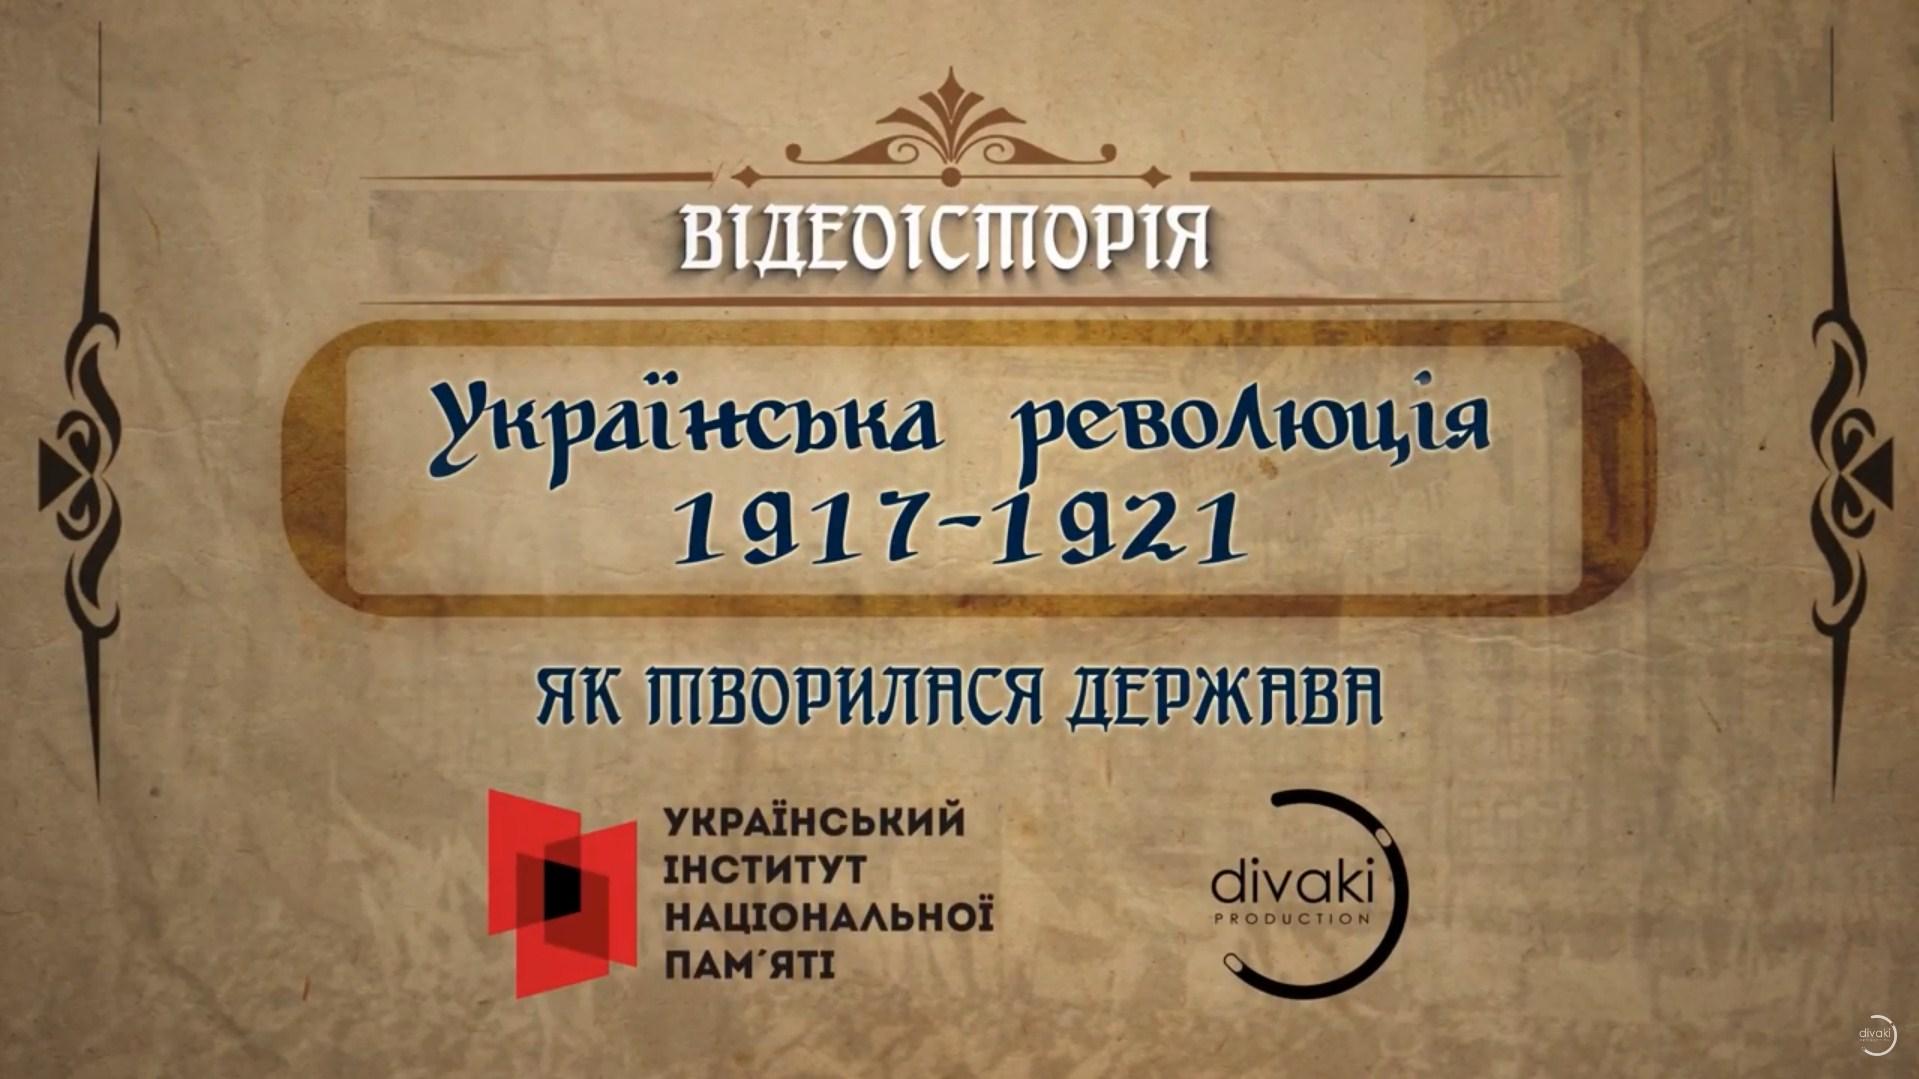 Як творилася держава. Українська революція 1917-1921 рр.